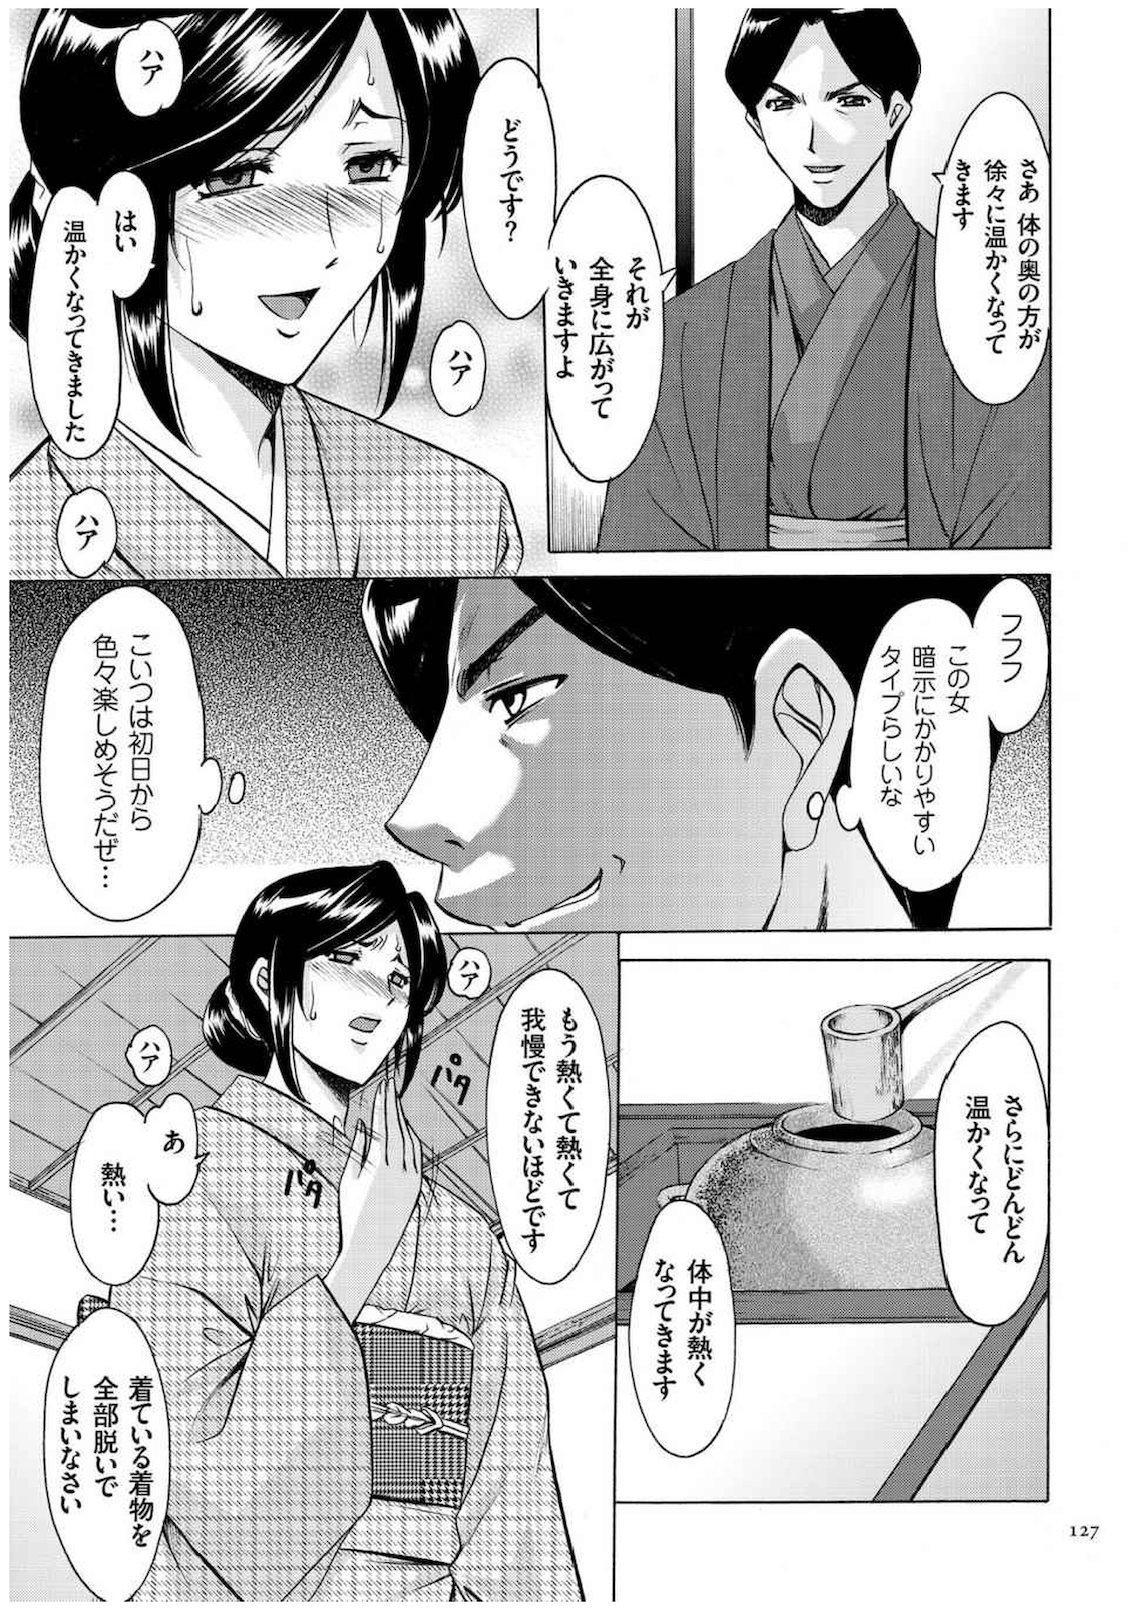 Sennyu Tsuma Satomi Kiroku 125